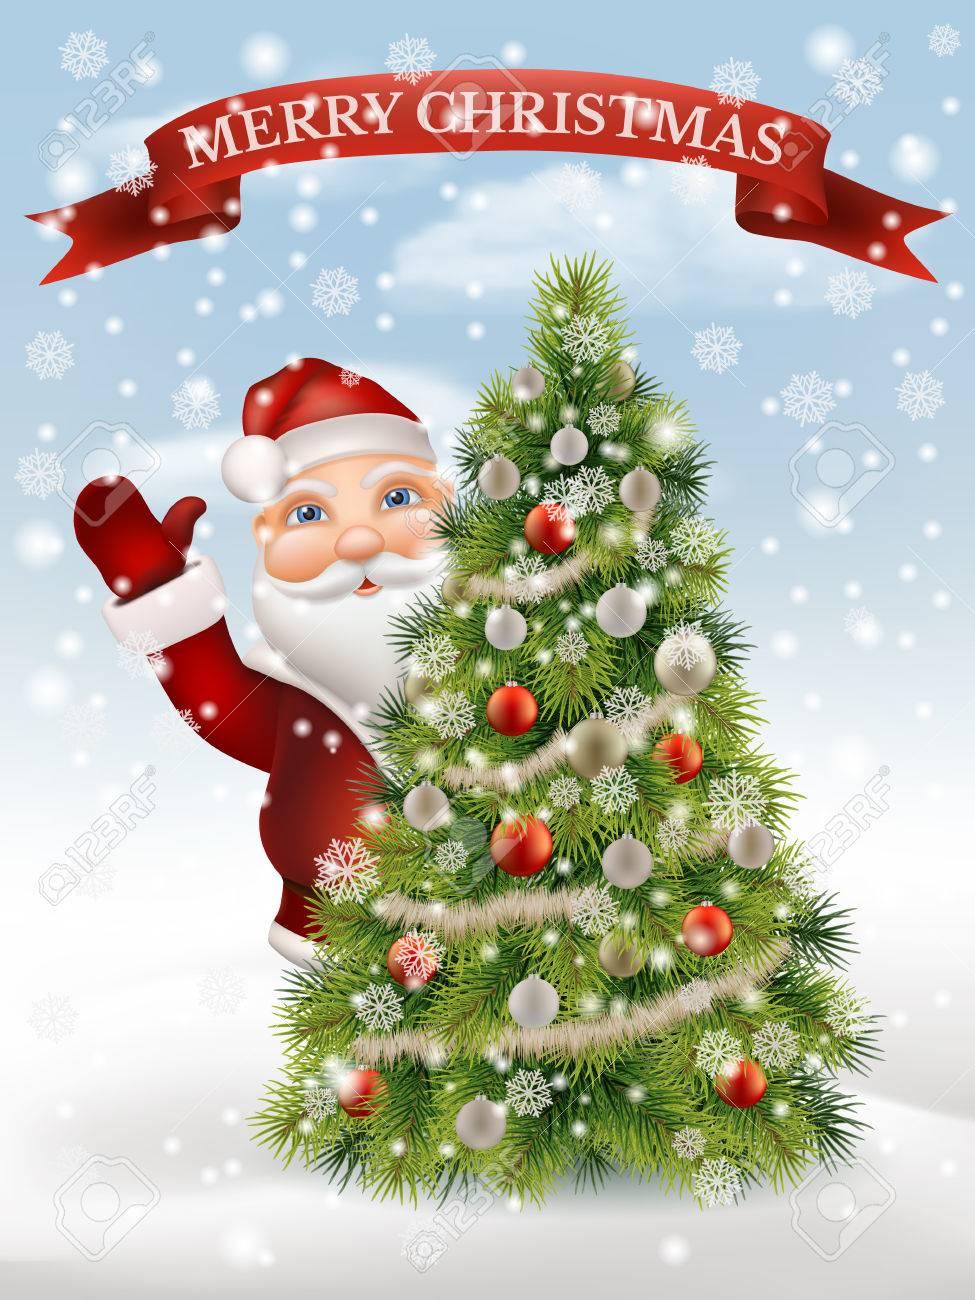 Albero Di Natale E Babbo Natale.Vettoriale Babbo Natale Da Una Occhiata Da Un Albero Di Natale Decorato E Accolto Sullo Sfondo Di Un Paesaggio Invernale Carattere Di Natale Illustrazione Vettoriale Image 65518920